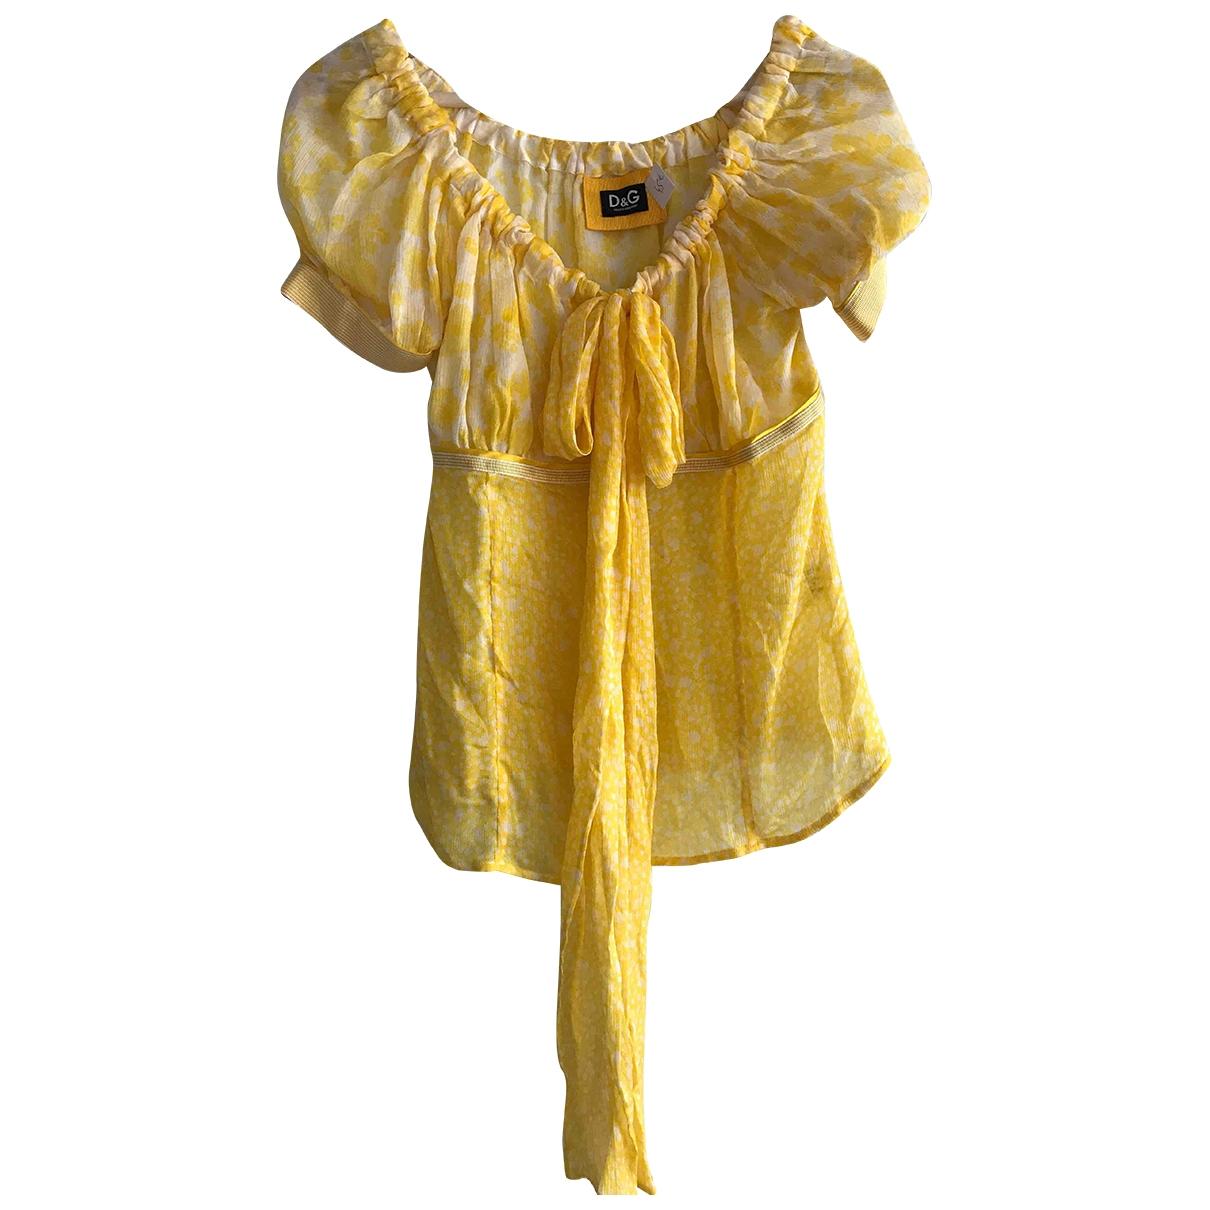 D&g - Top   pour femme en soie - jaune